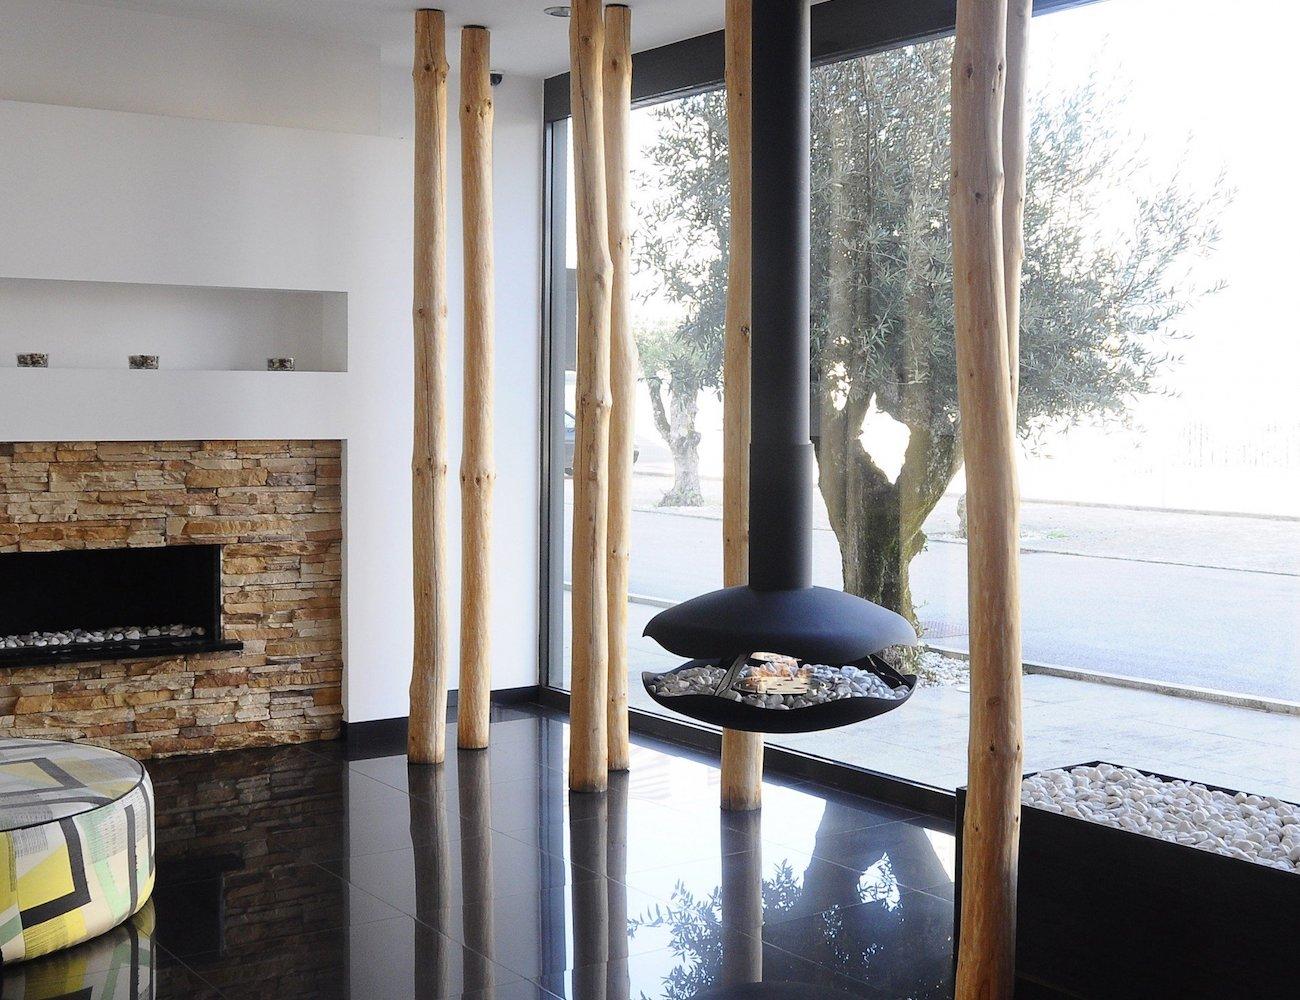 GlammFire Perola Bioethanol Hanging Fireplace